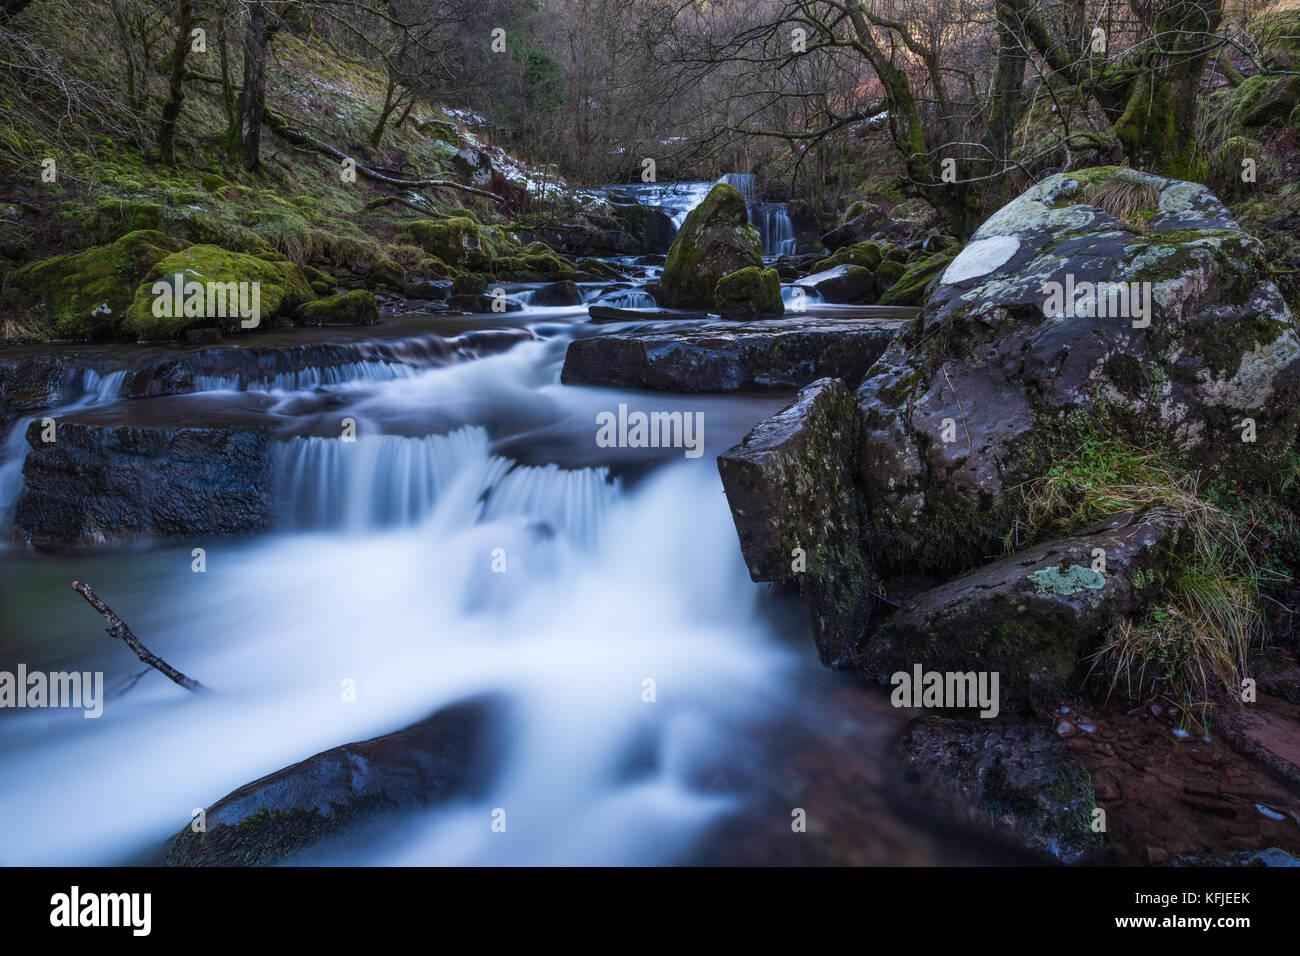 Waterfall at Blaen Y Glyn, Wales UK - Stock Image